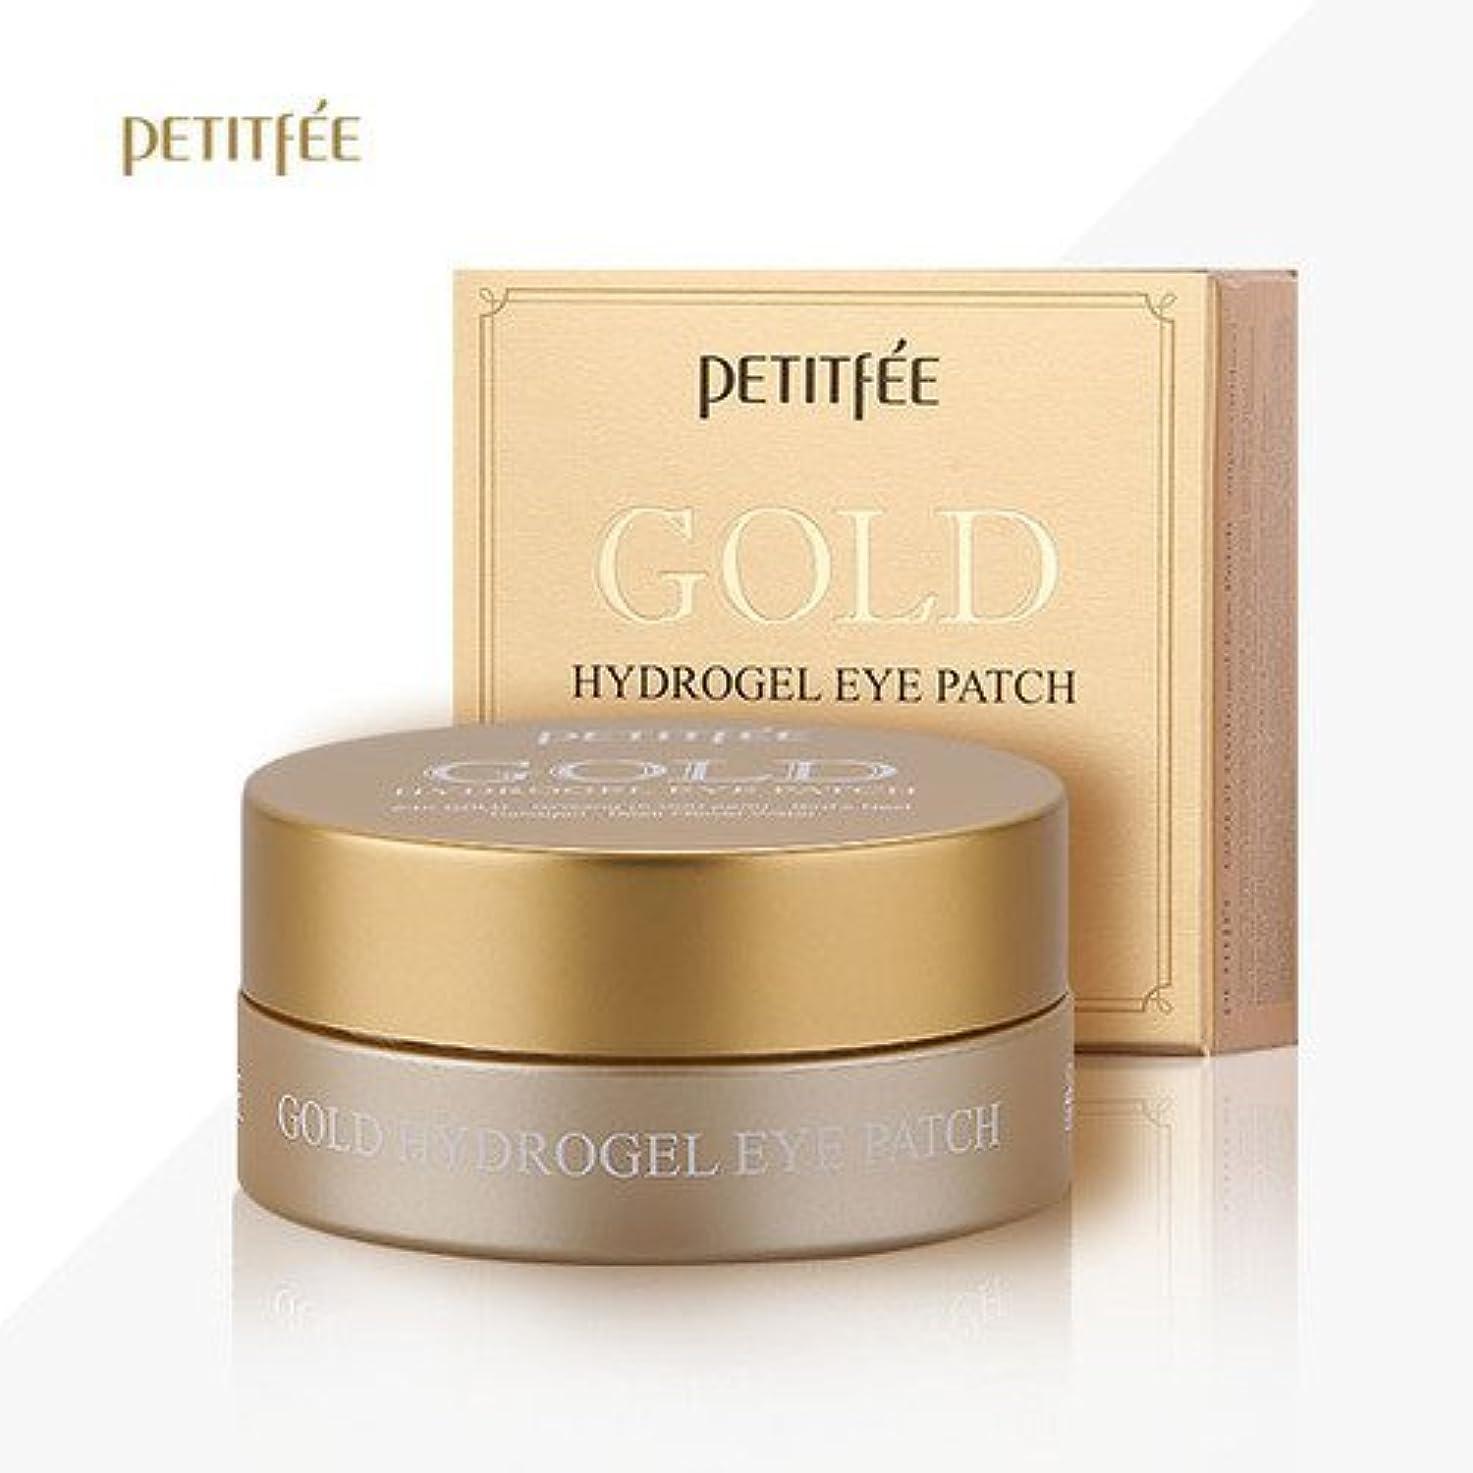 テニスルーキーブートPETITFEE(プチペ)ゴールドハイドロゲルアイパチ(60枚)/ Petitfee Gold Hydrogel Eye Patch (60Sheets) [並行輸入品]